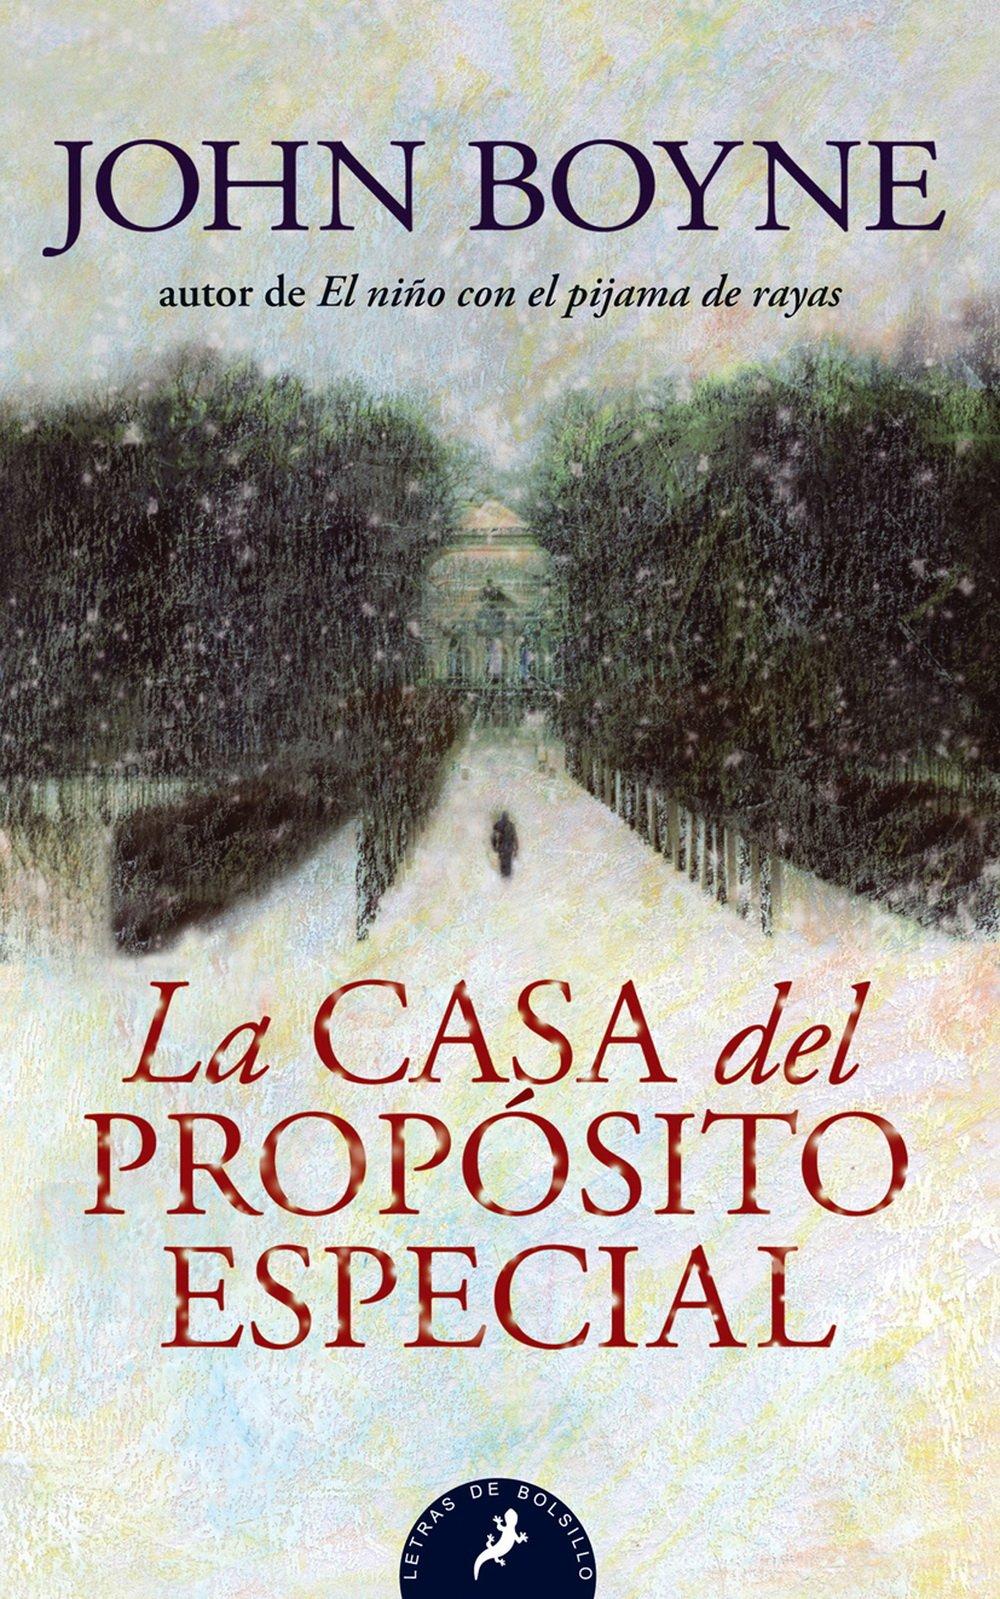 La casa del proposito especial (Spanish Edition): John Boyne: 9788498383003: Amazon.com: Books